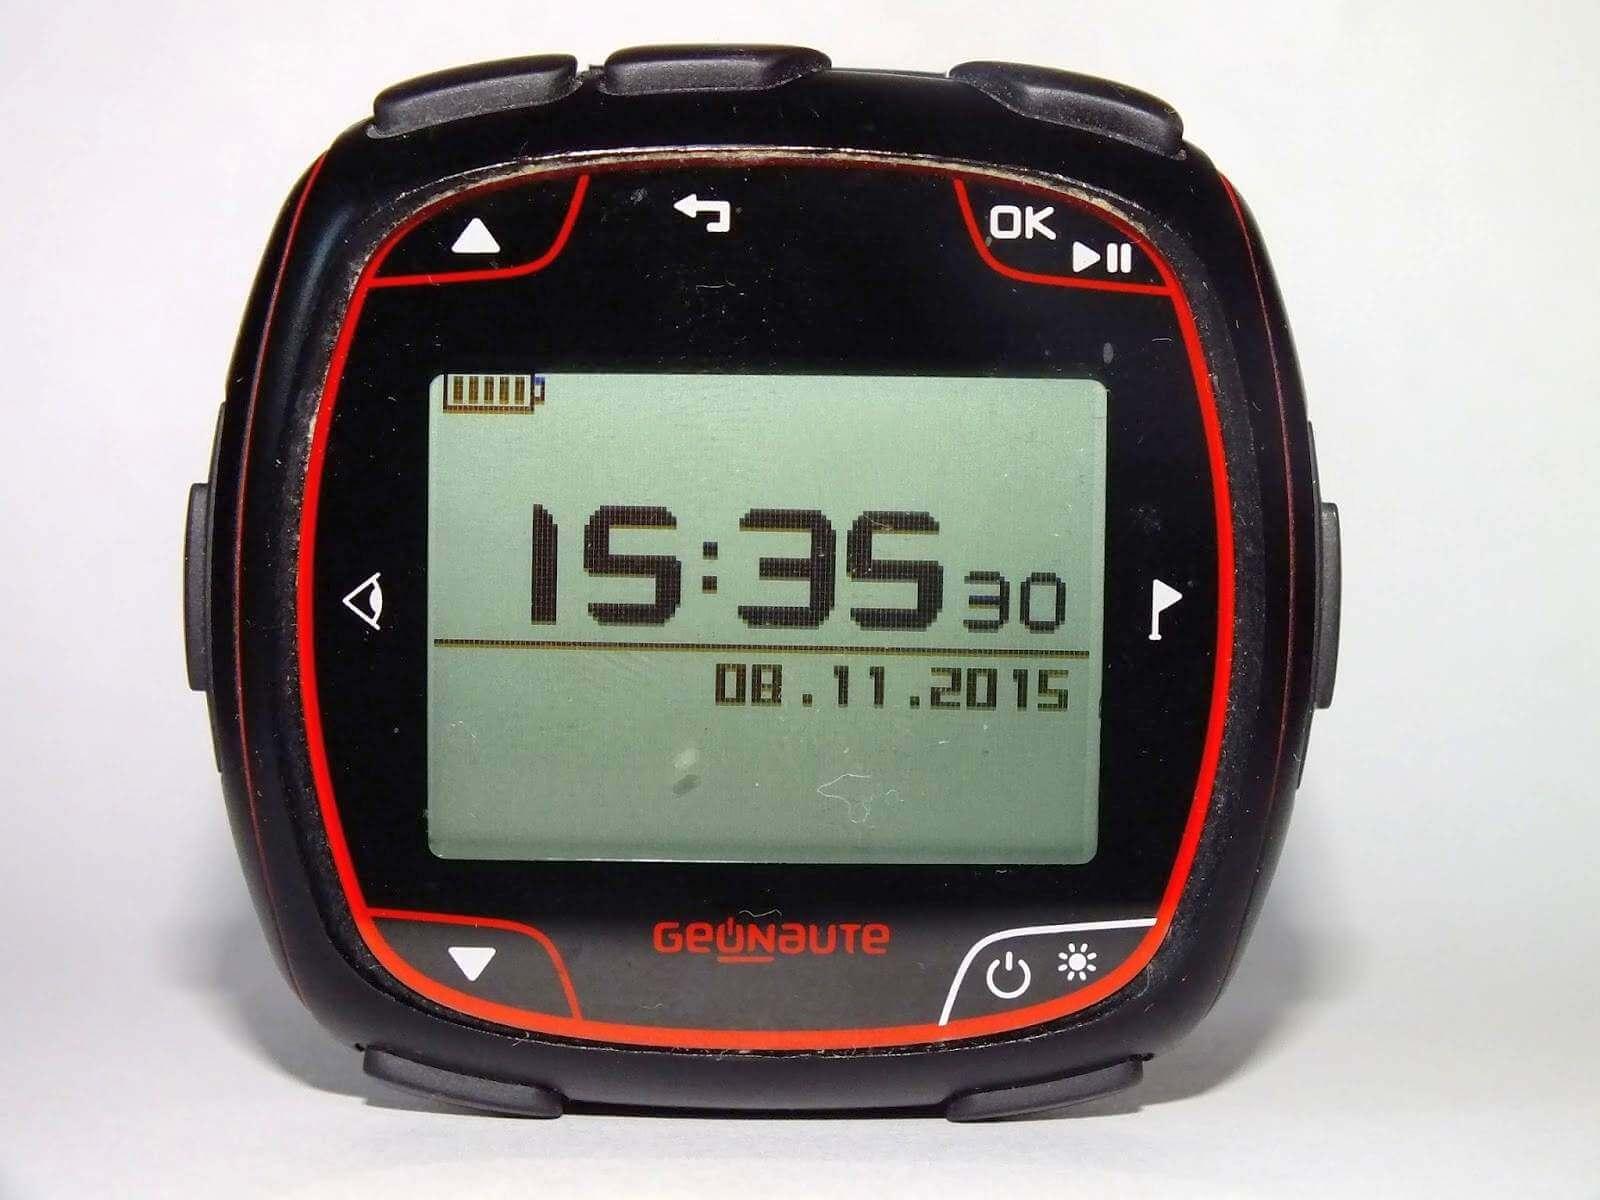 Geonaute Onmove 700, pulsometr